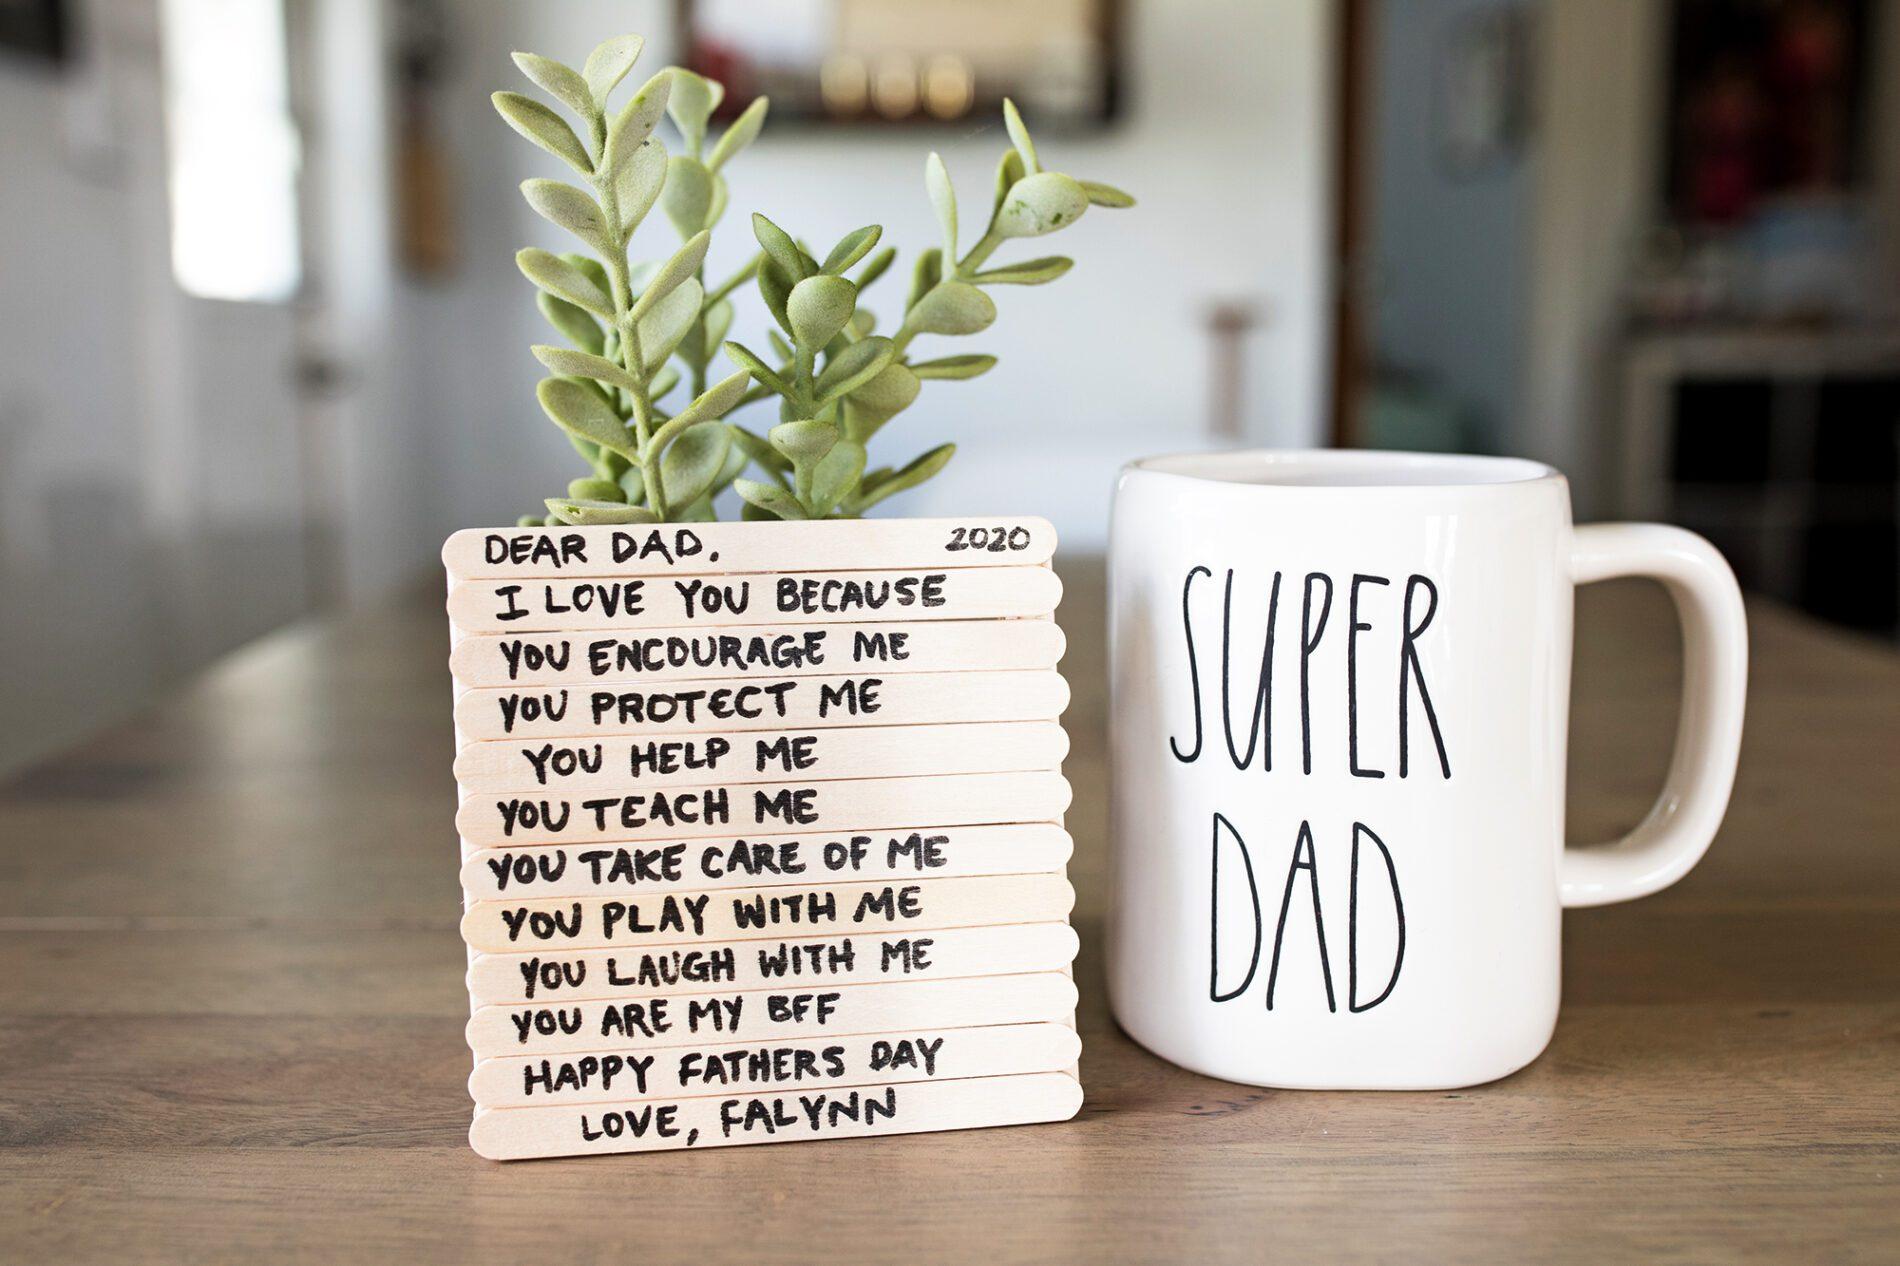 handmade father's day coaster next to super dad mug